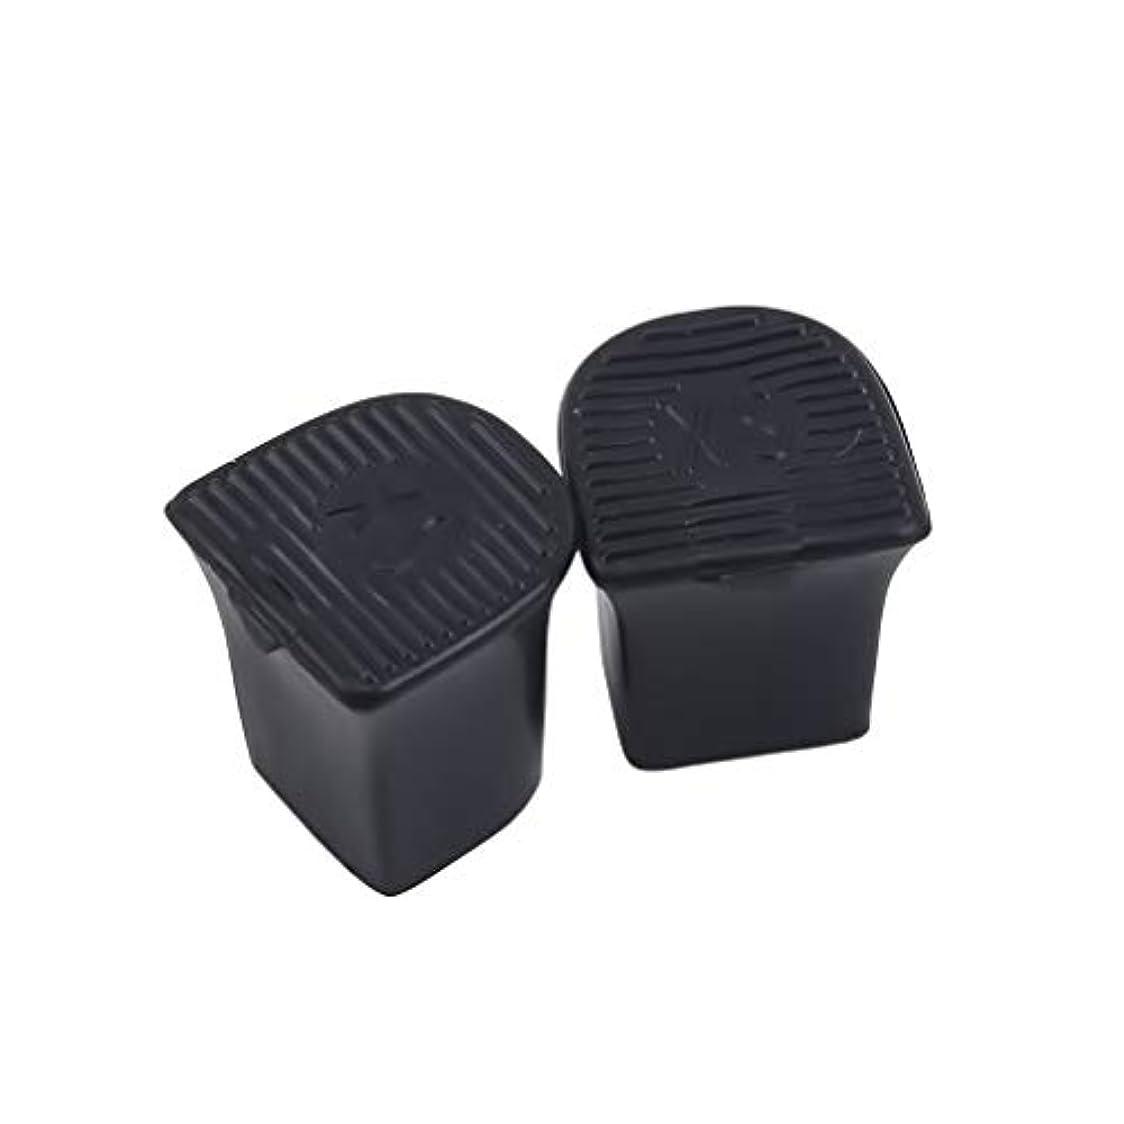 フォーク出費チップMODMHB 5ペアセット ハイヒールプロテクター ヒールカバー PVC製 ダンスシューズ ヒールキャップ 専用 滑り止め,9-10mm直径